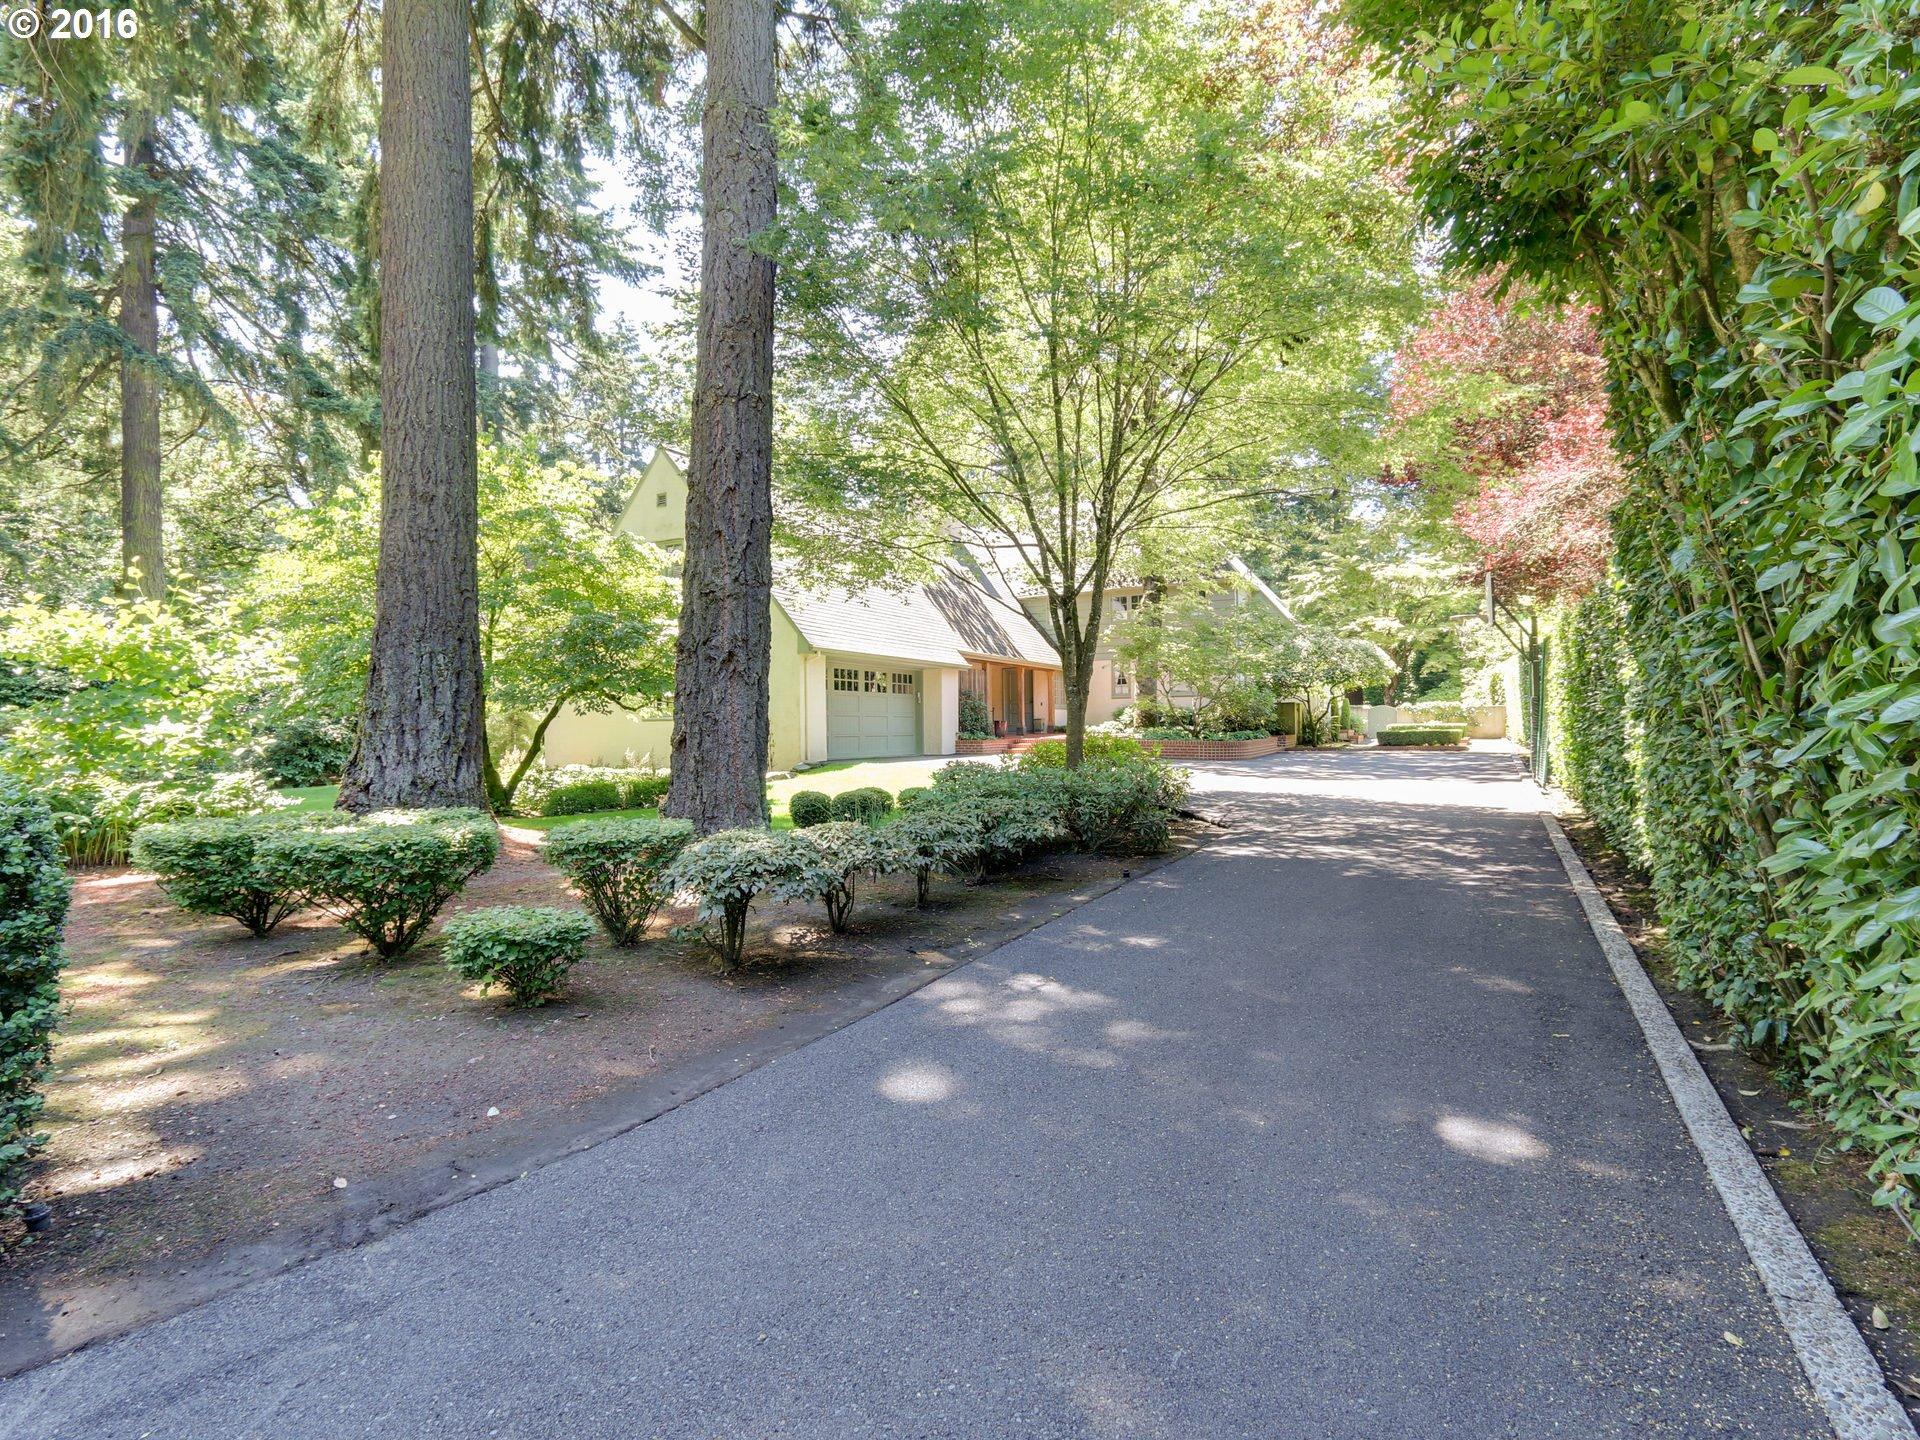 portland oregon real estate property for sale new